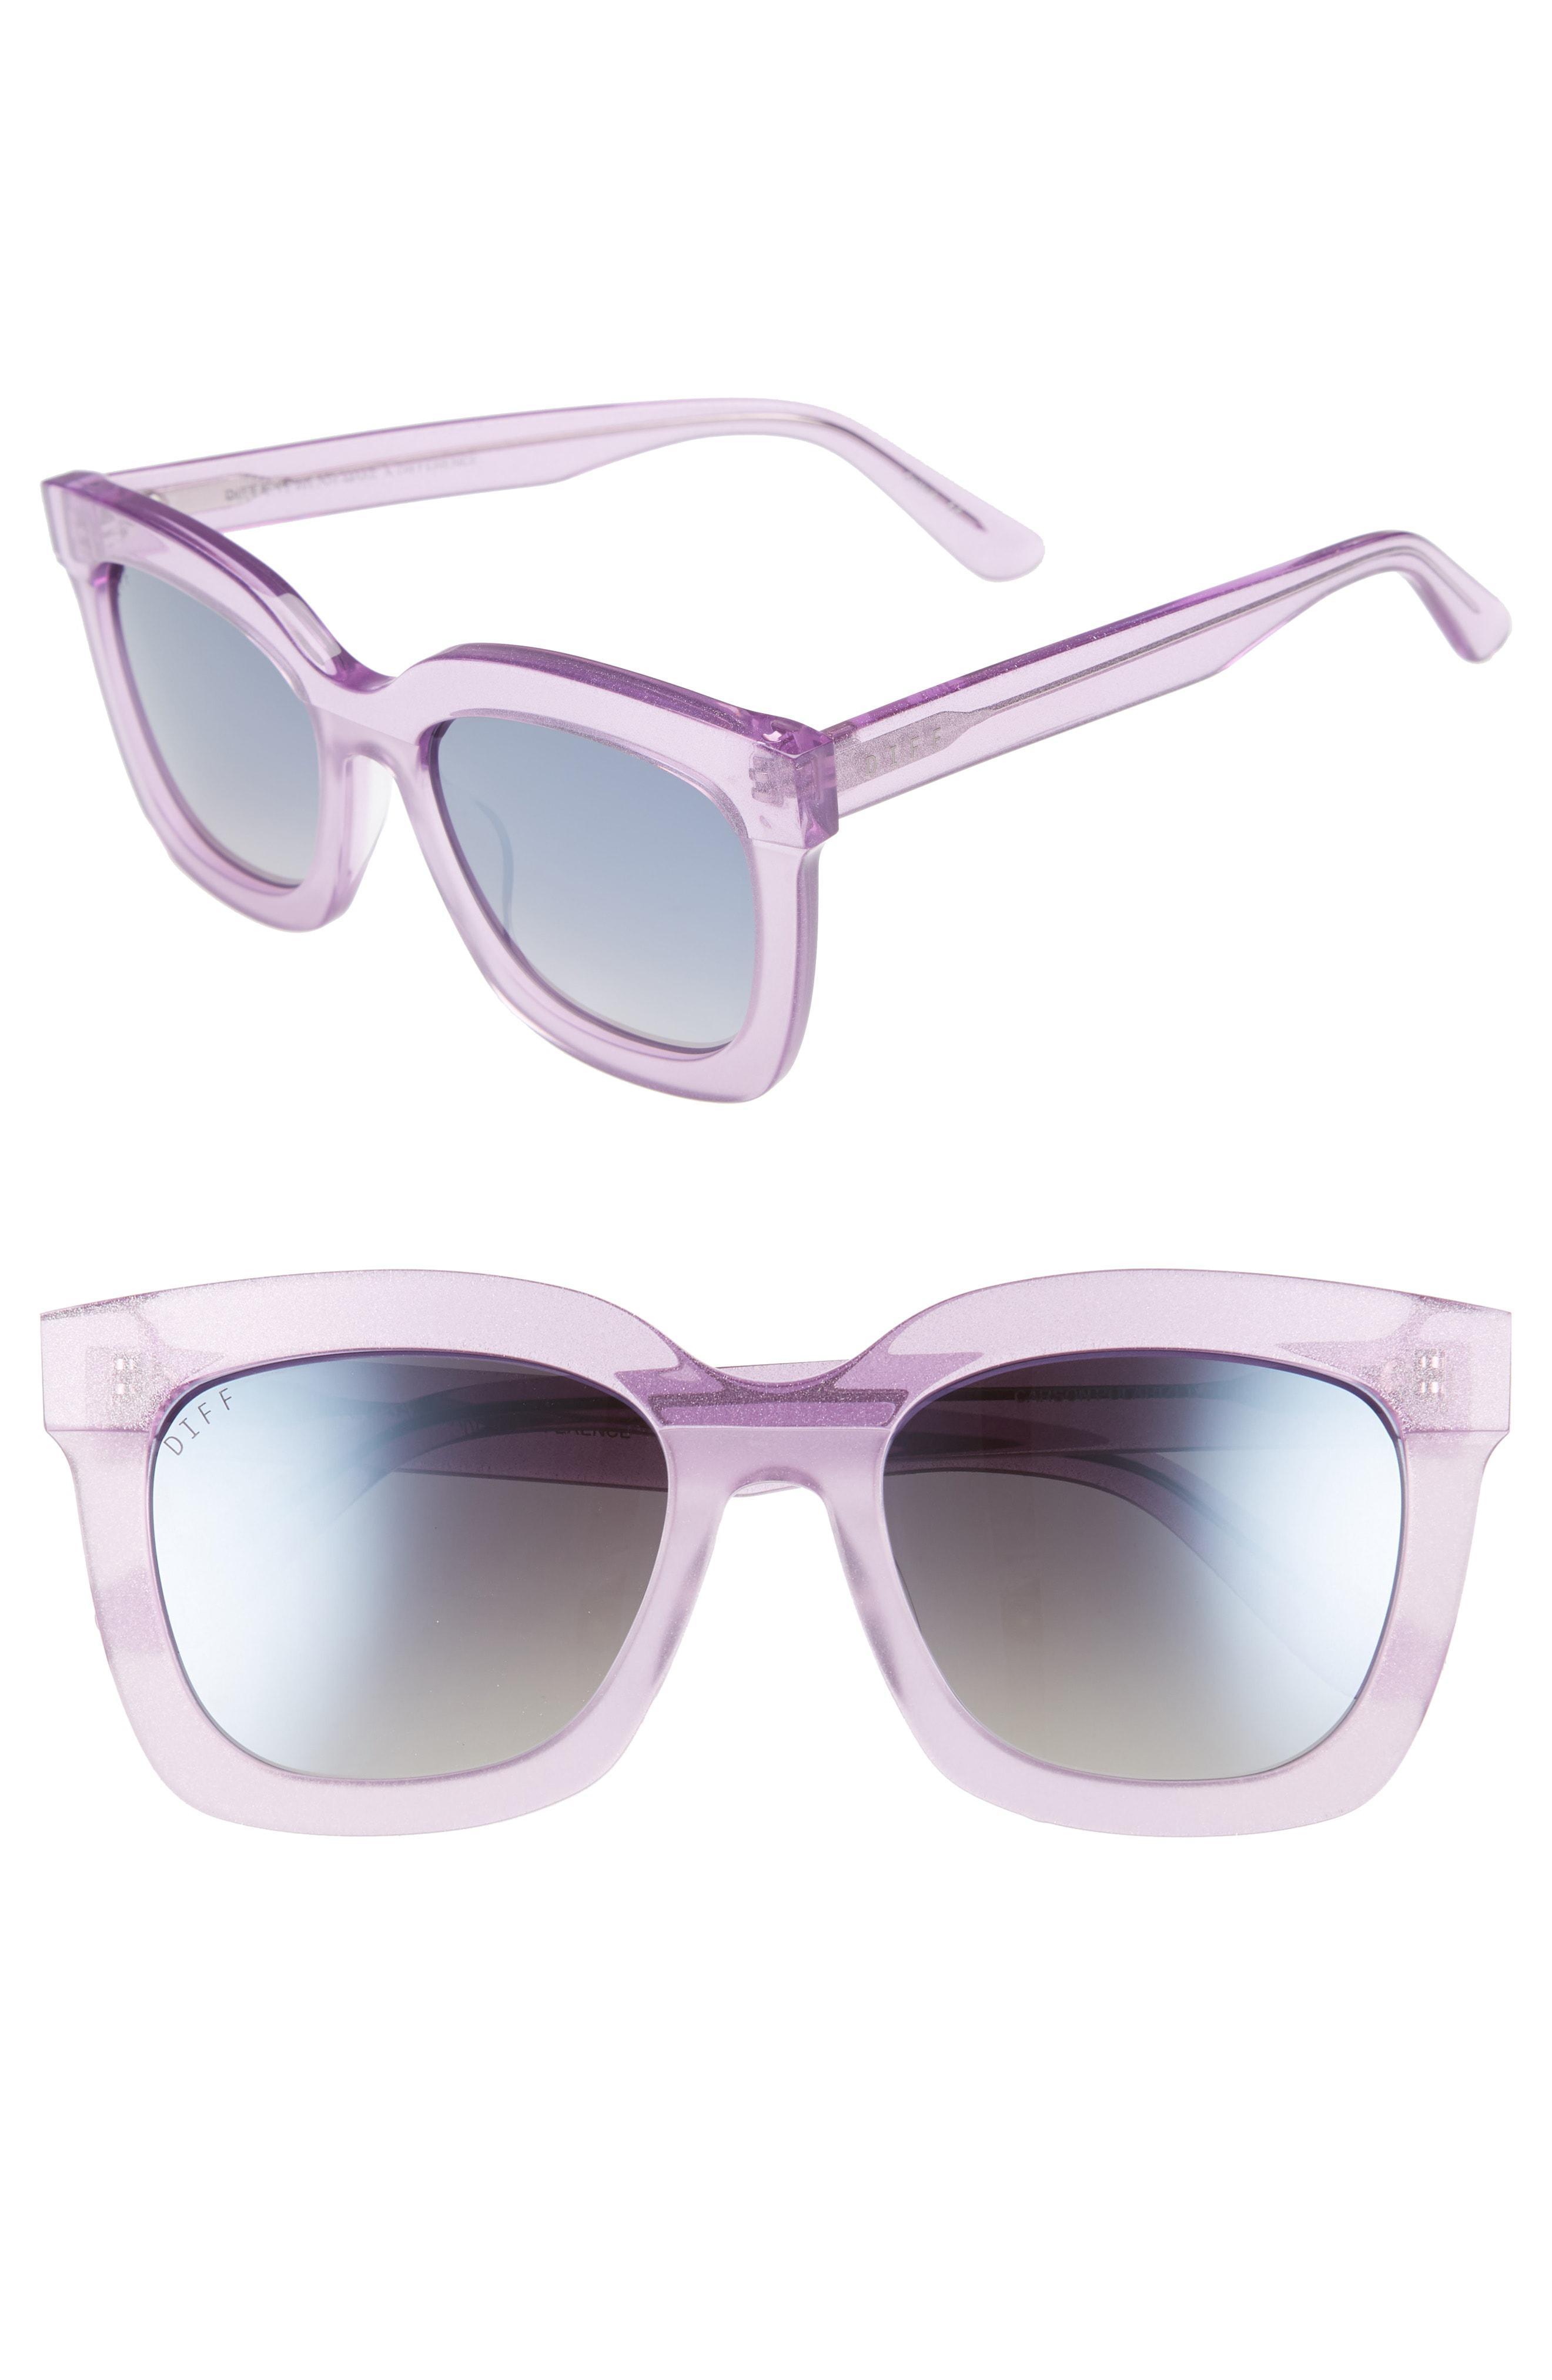 2fdd3ae40e8 Lyst - DIFF Carson 53mm Polarized Square Sunglasses - in Purple